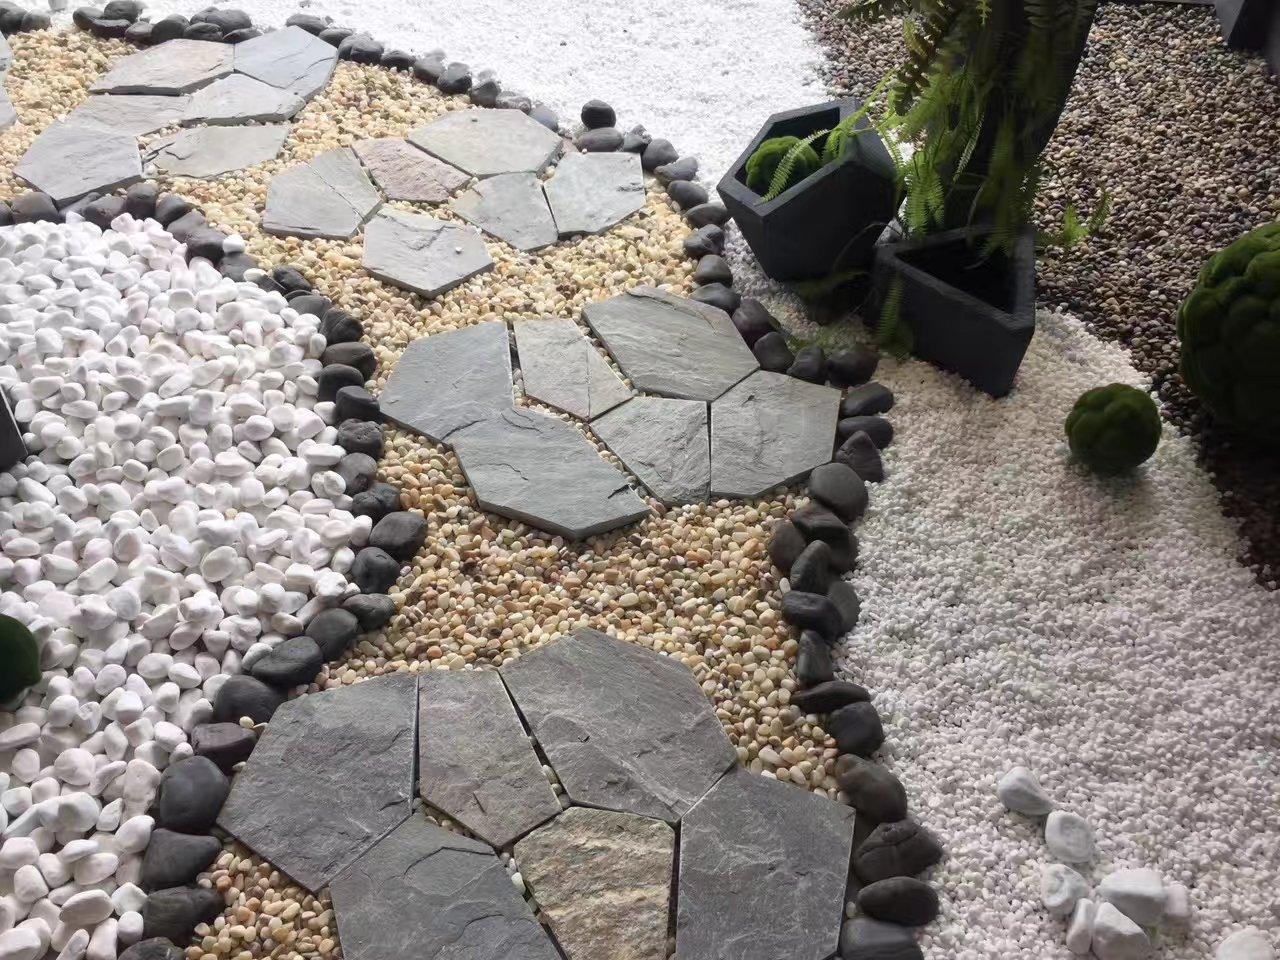 文明石青石板多边形网贴冰裂纹自然防滑户外小院子庭院地砖花园别